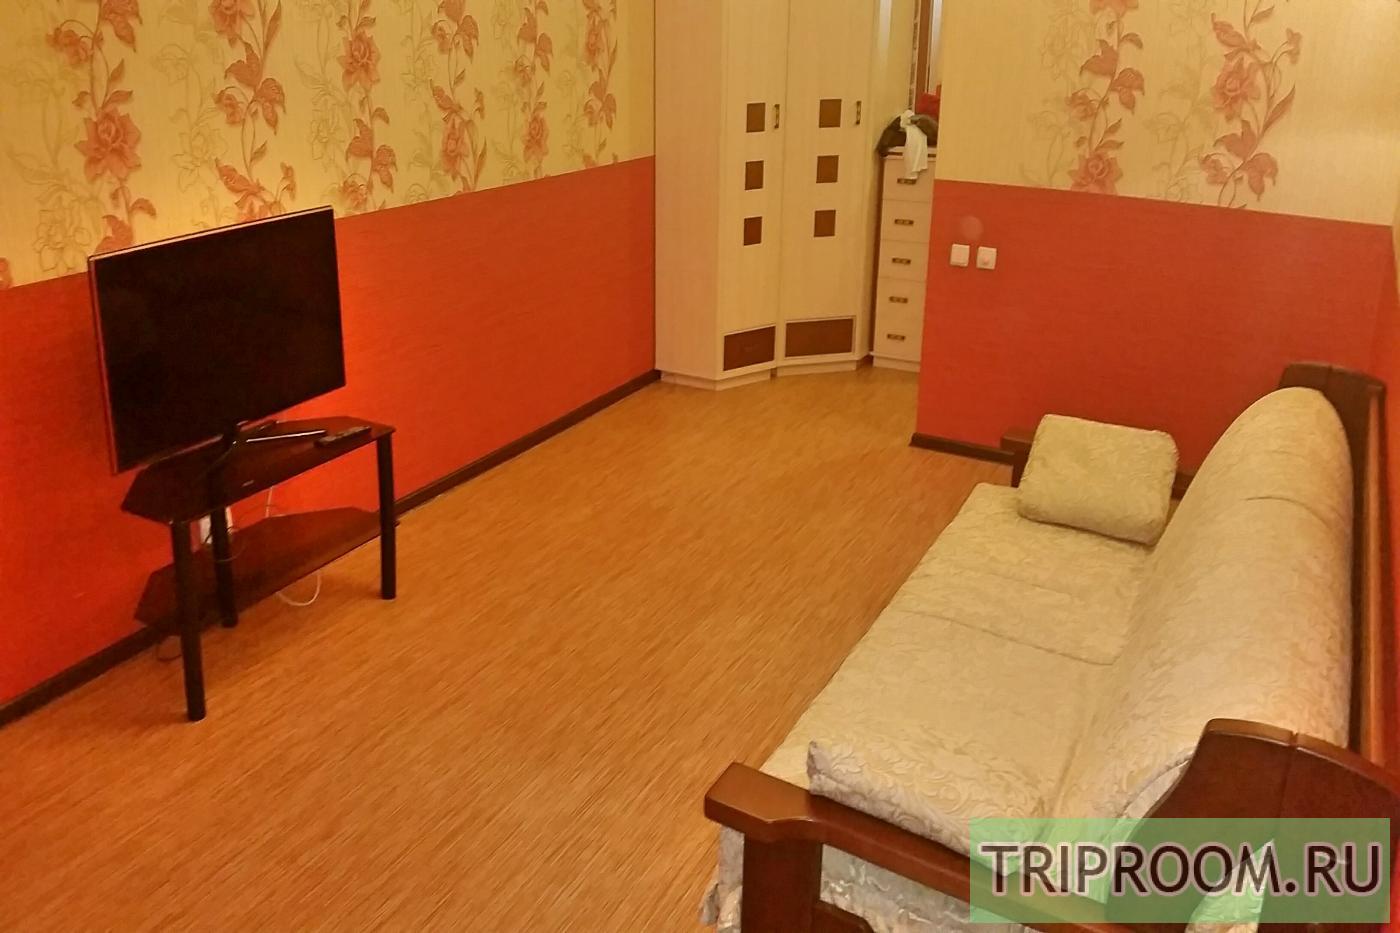 1-комнатная квартира посуточно (вариант № 10449), ул. 30 лет победы улица, фото № 5